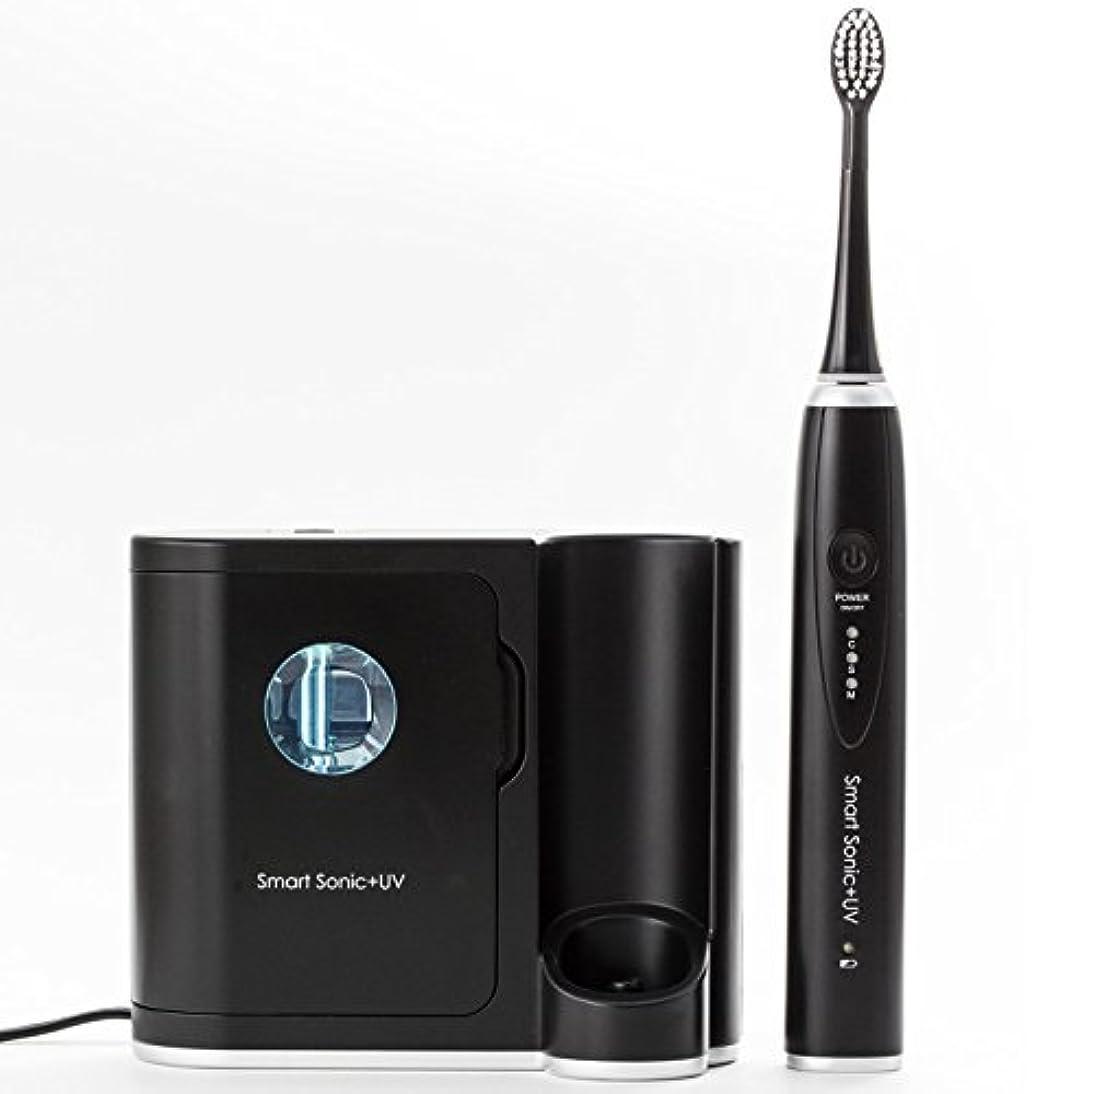 下に向けますまっすぐ味方音波歯ブラシ UV 紫外線除菌 歯ブラシ 殺菌機能付き 電動歯ブラシ スマートソニック プラス UV Smart Sonic UV